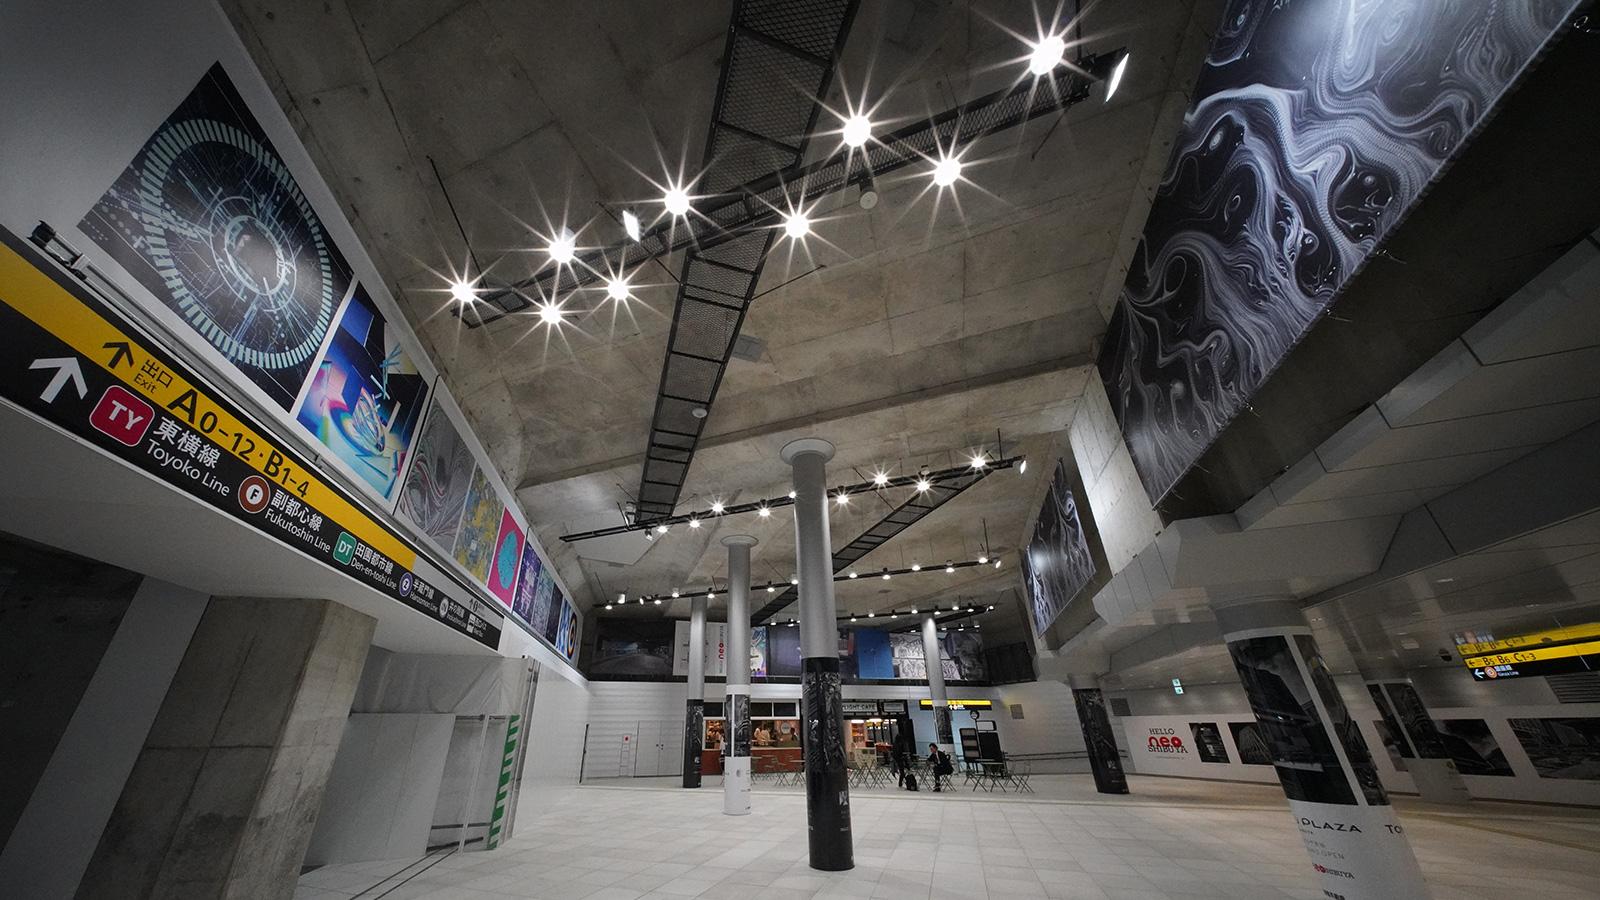 渋谷駅東口地下広場でアーティスト20人によるギャラリーを開催!